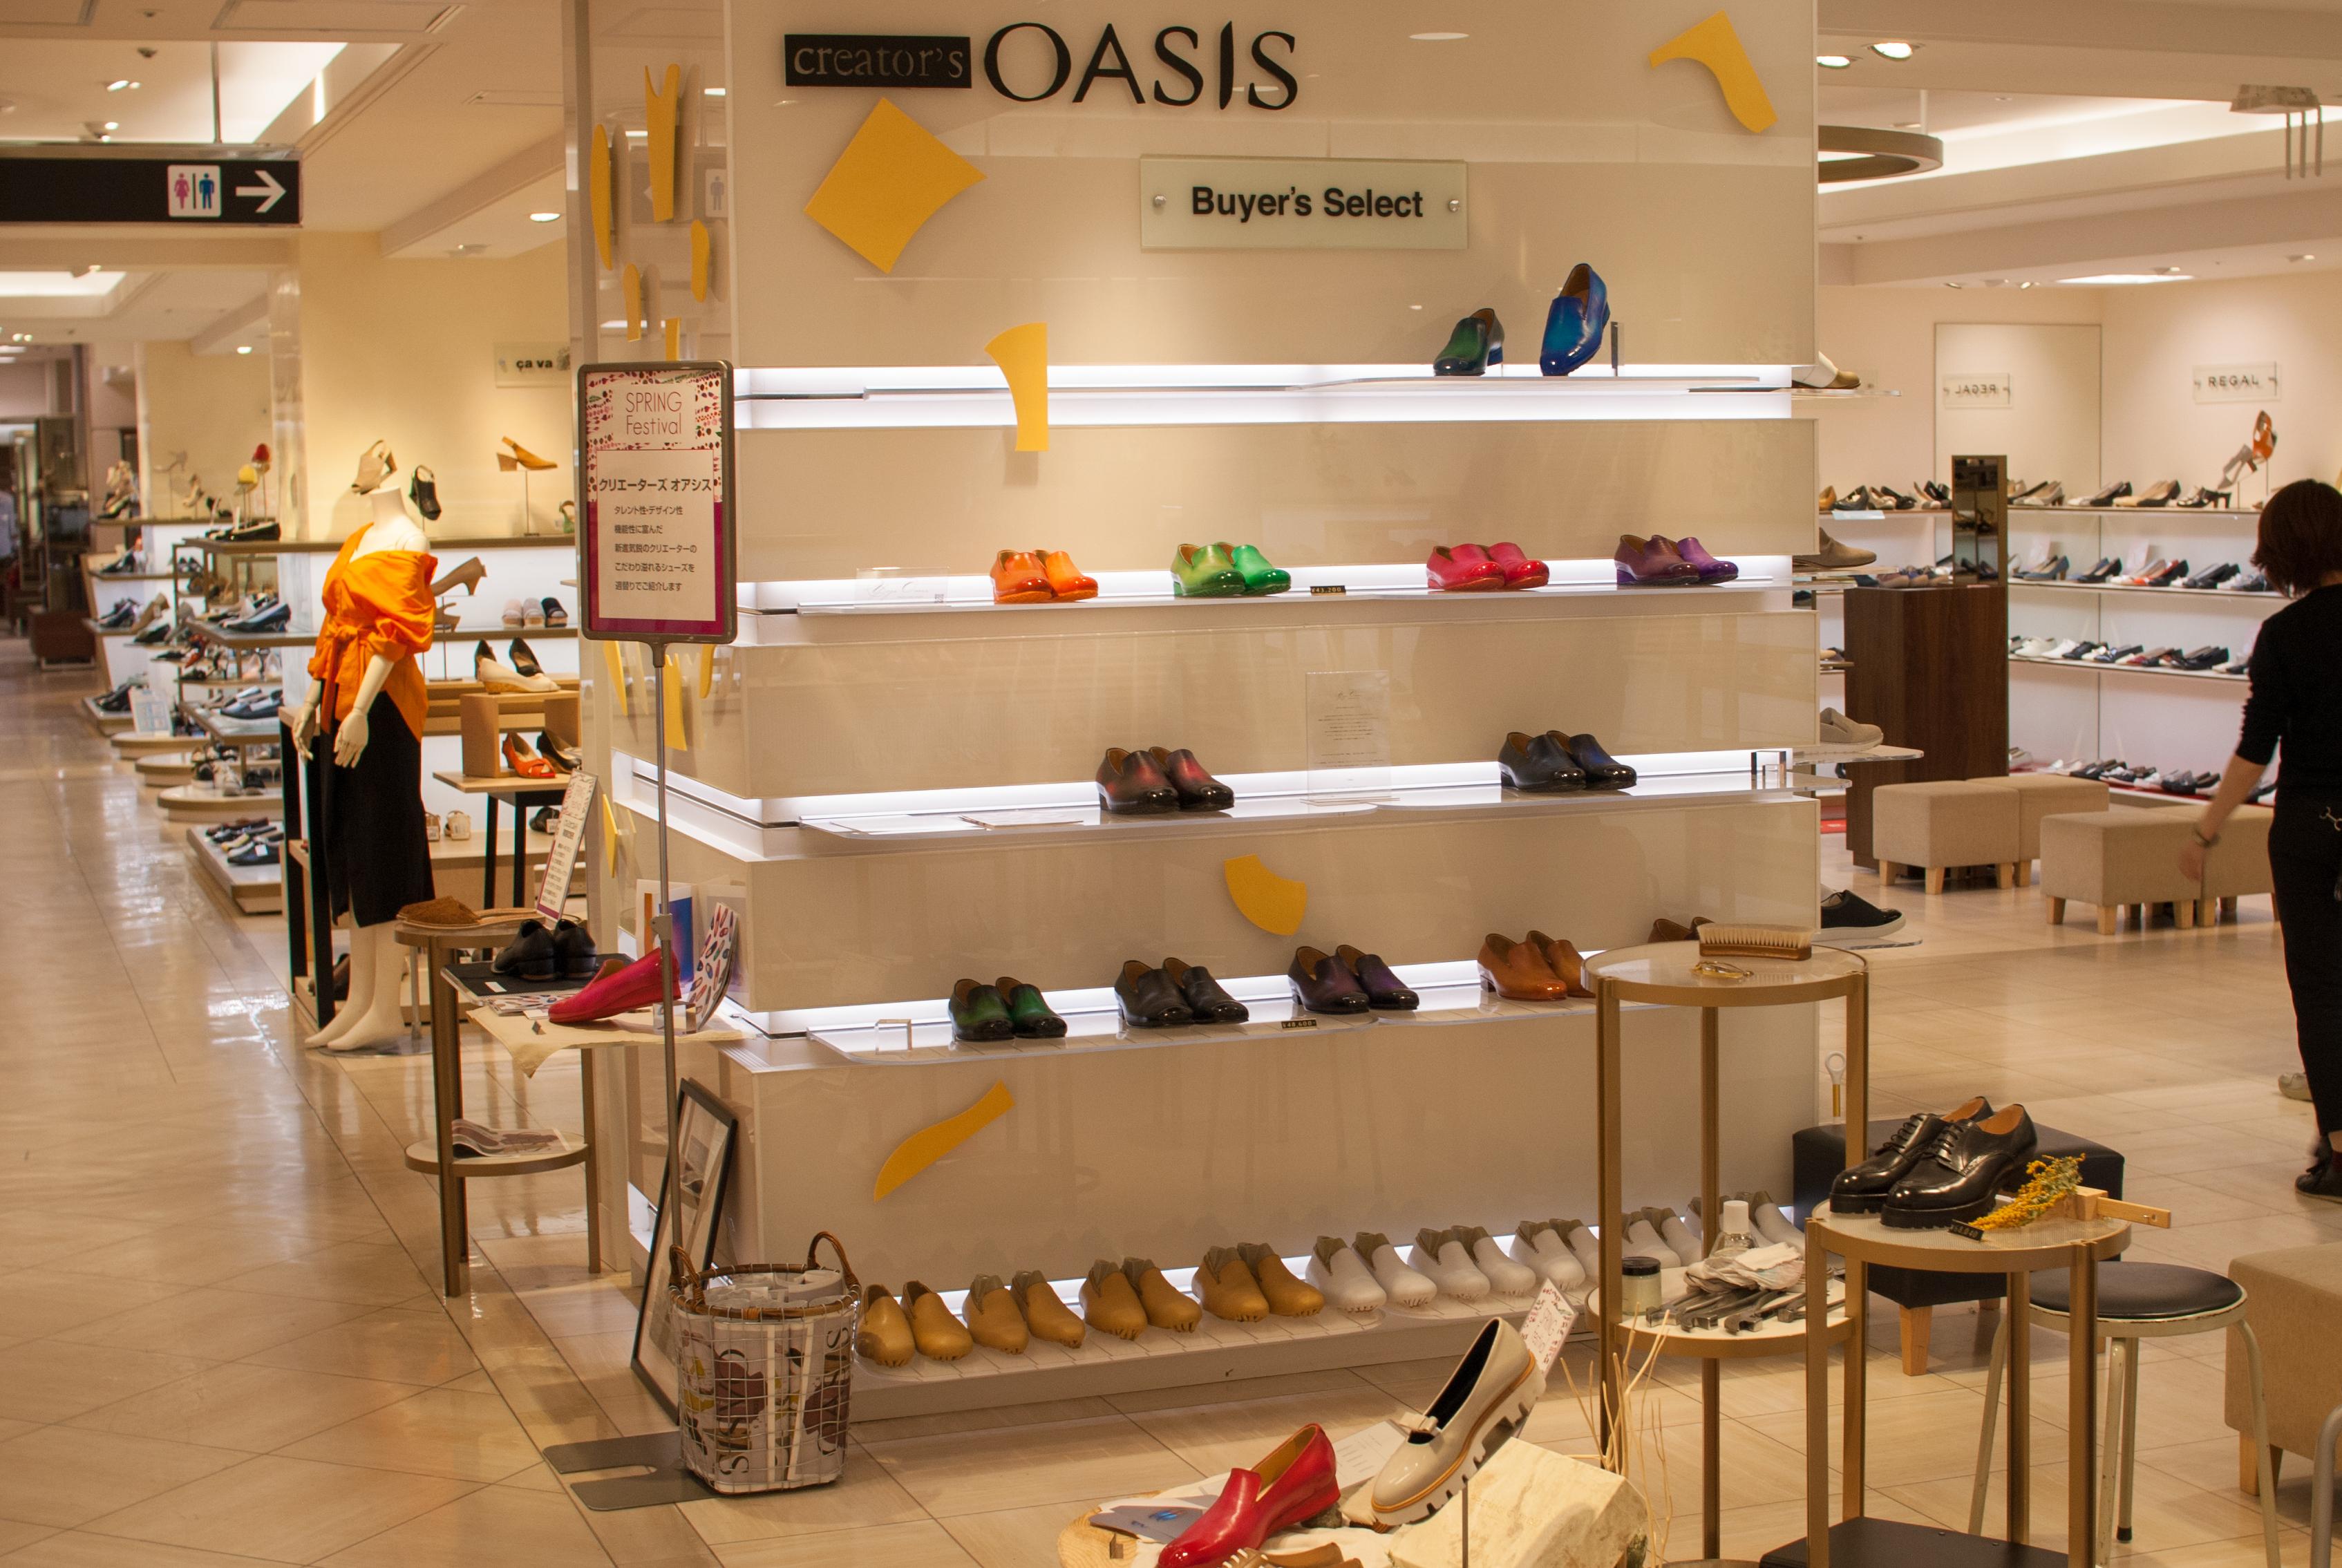 yojiomi 革靴 大阪高島屋 OASIS